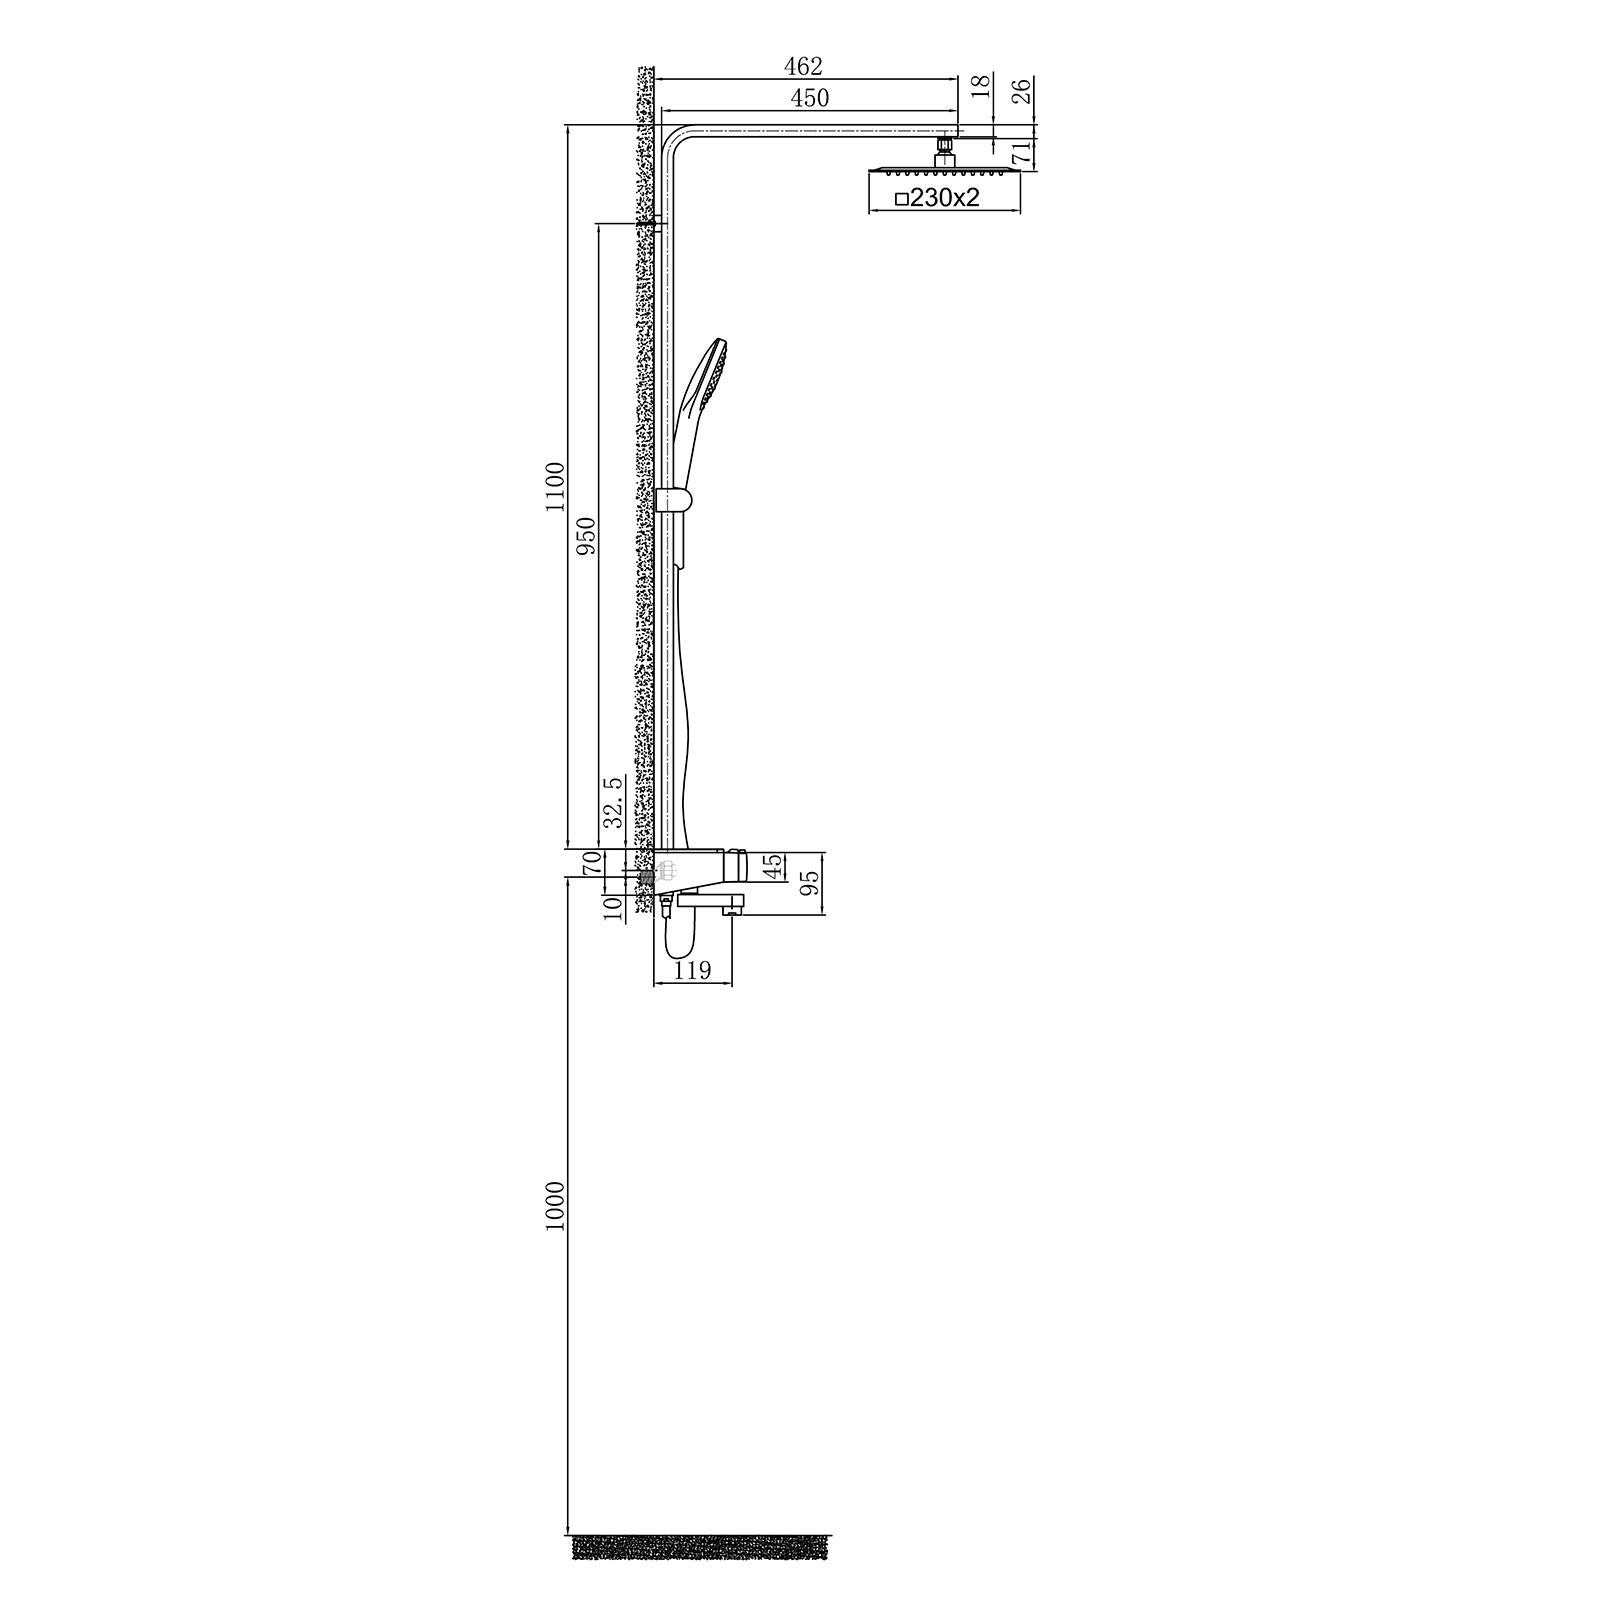 Duschsystem NT7305 - Zeichnung 1